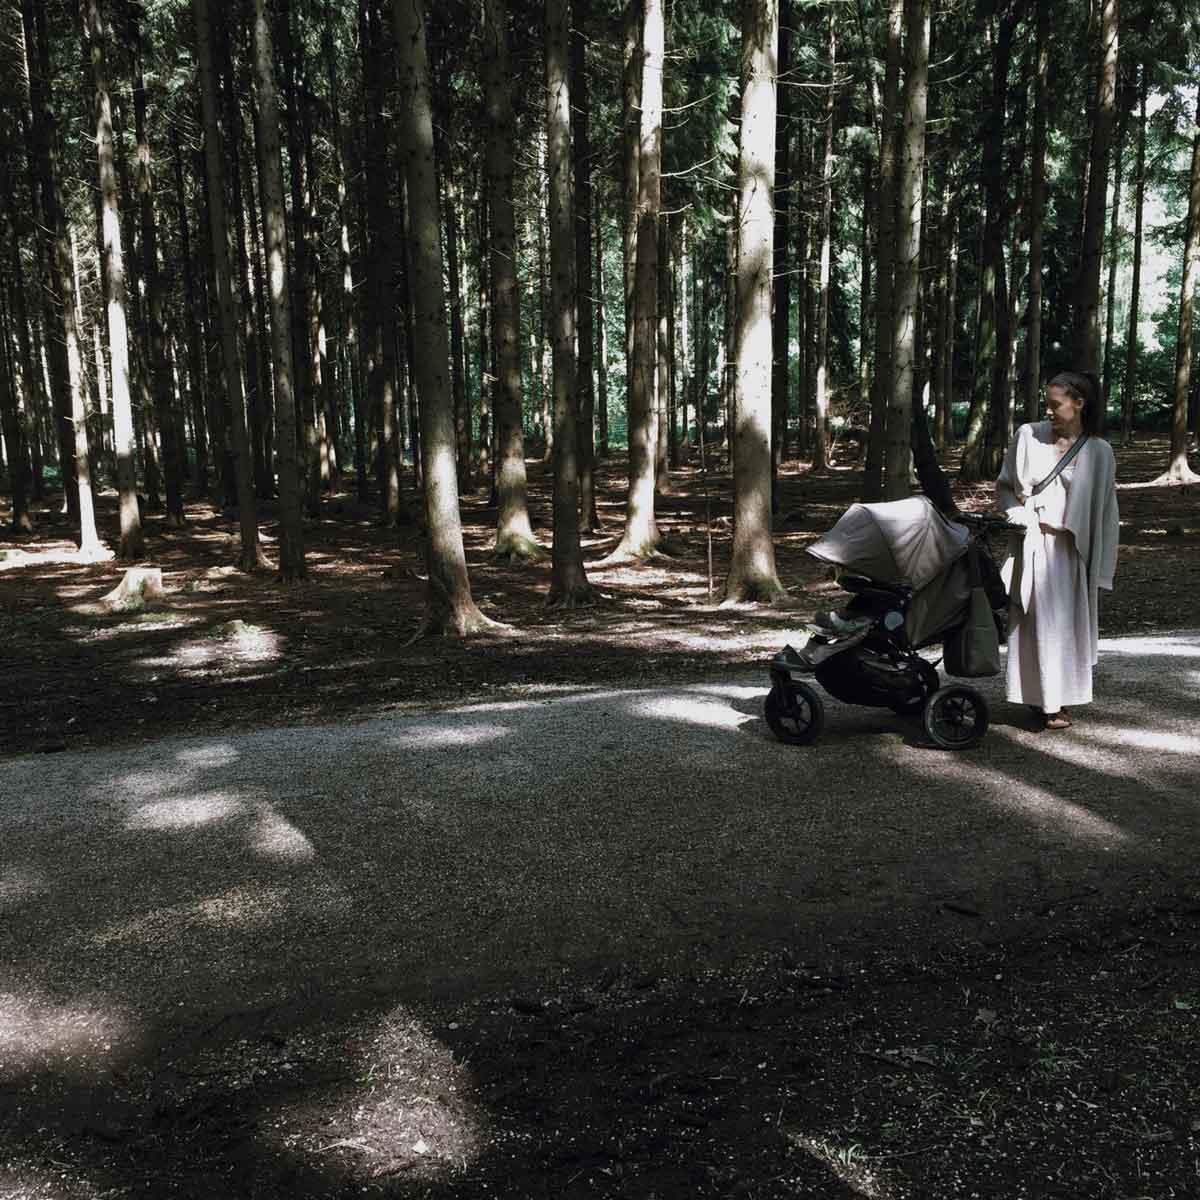 Babyjogger Kinderwagen Poing Tierpark Wald Sommer - How we stoll | 4 Jahre mit dem Babyjogger